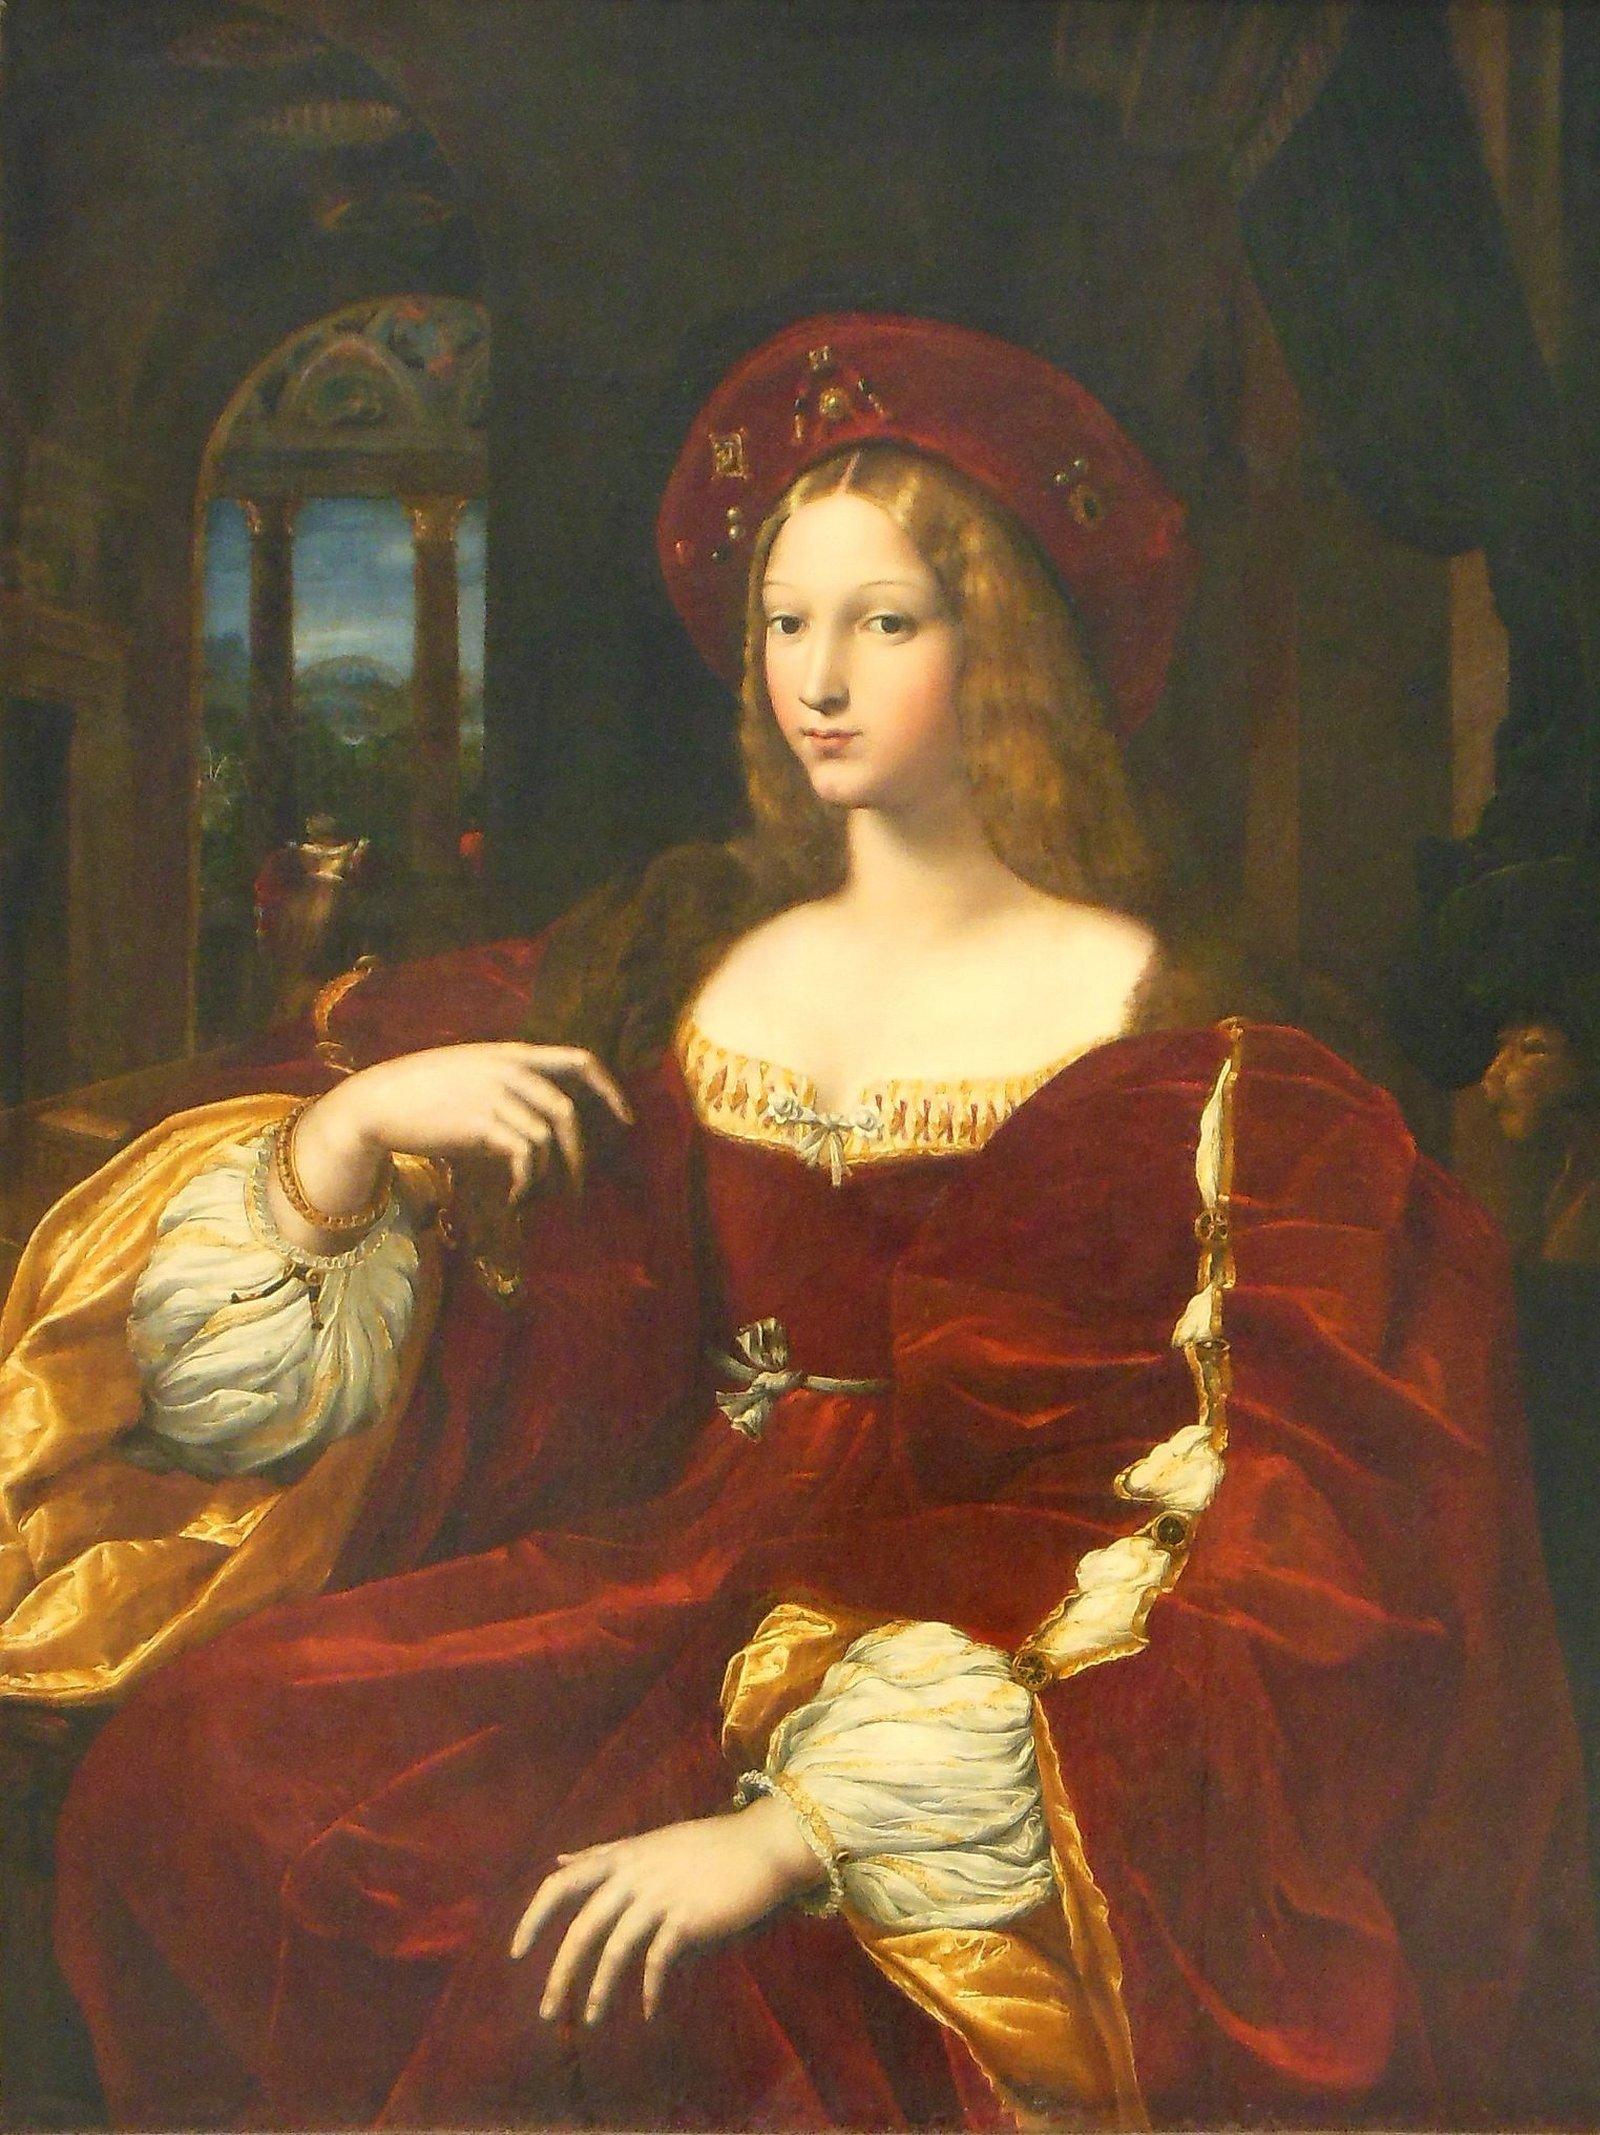 Рафаэль портрет иоанны арагонской vikipedija